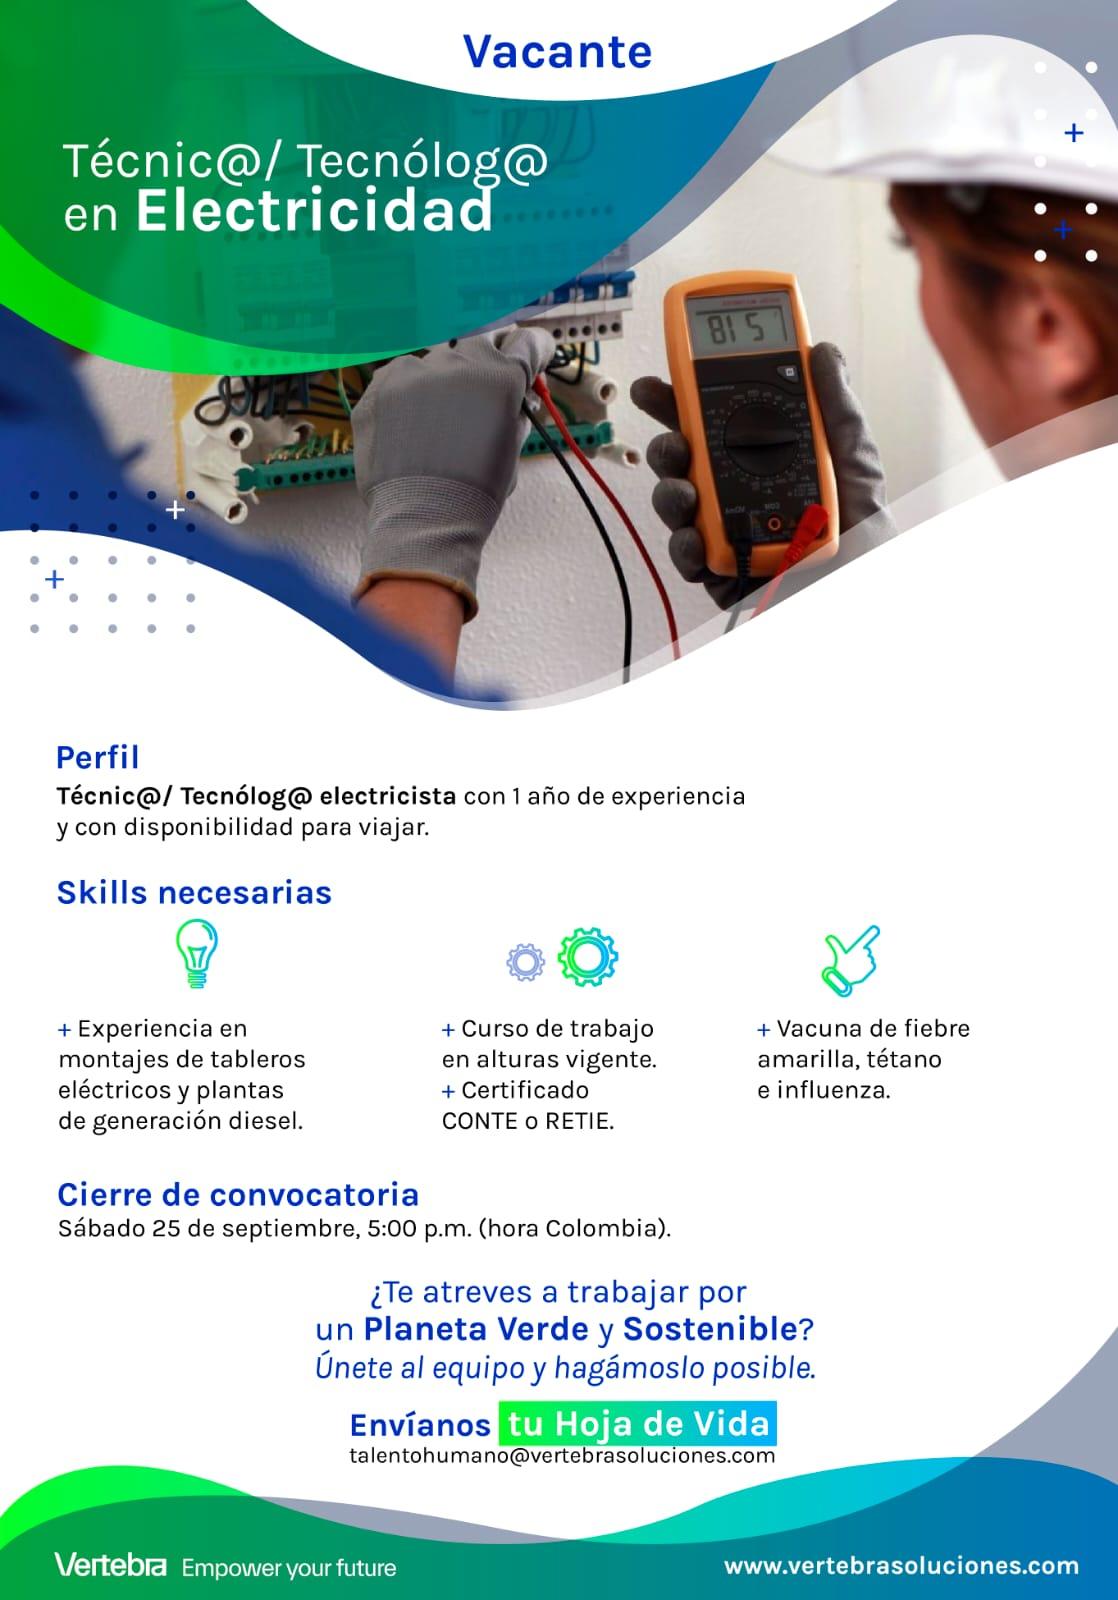 Técnico o Tecnólogo en Electricidad